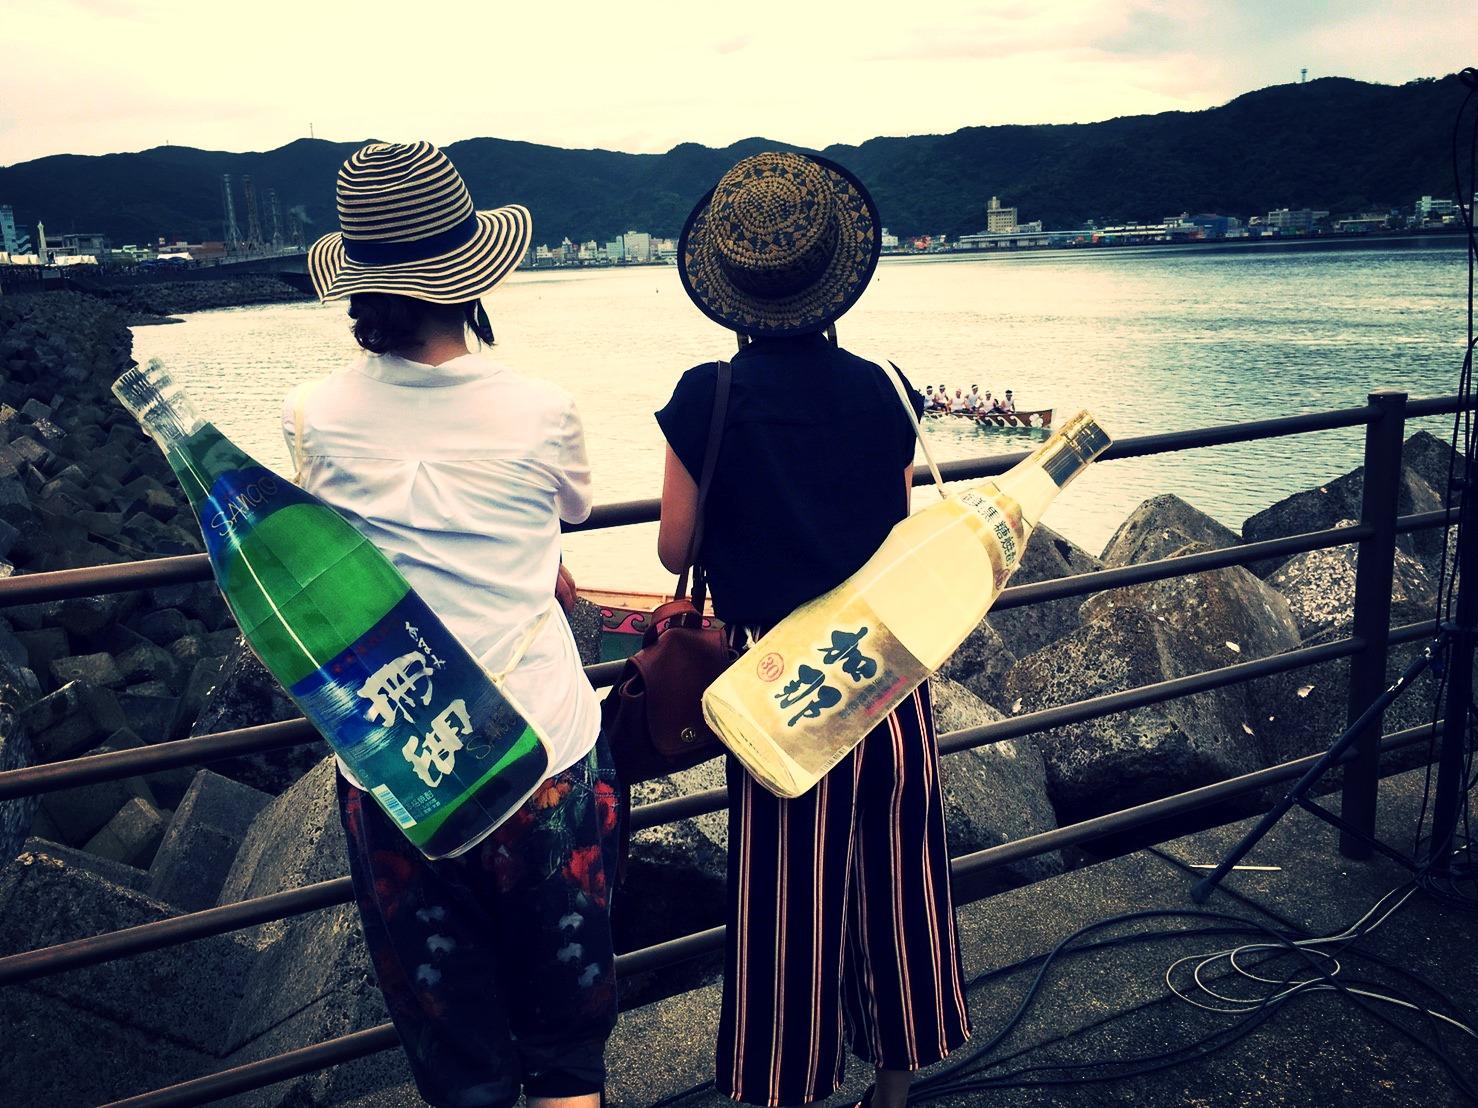 西平せれなと佐野 番組レポーター@奄美まつり舟こぎ競争大会2016